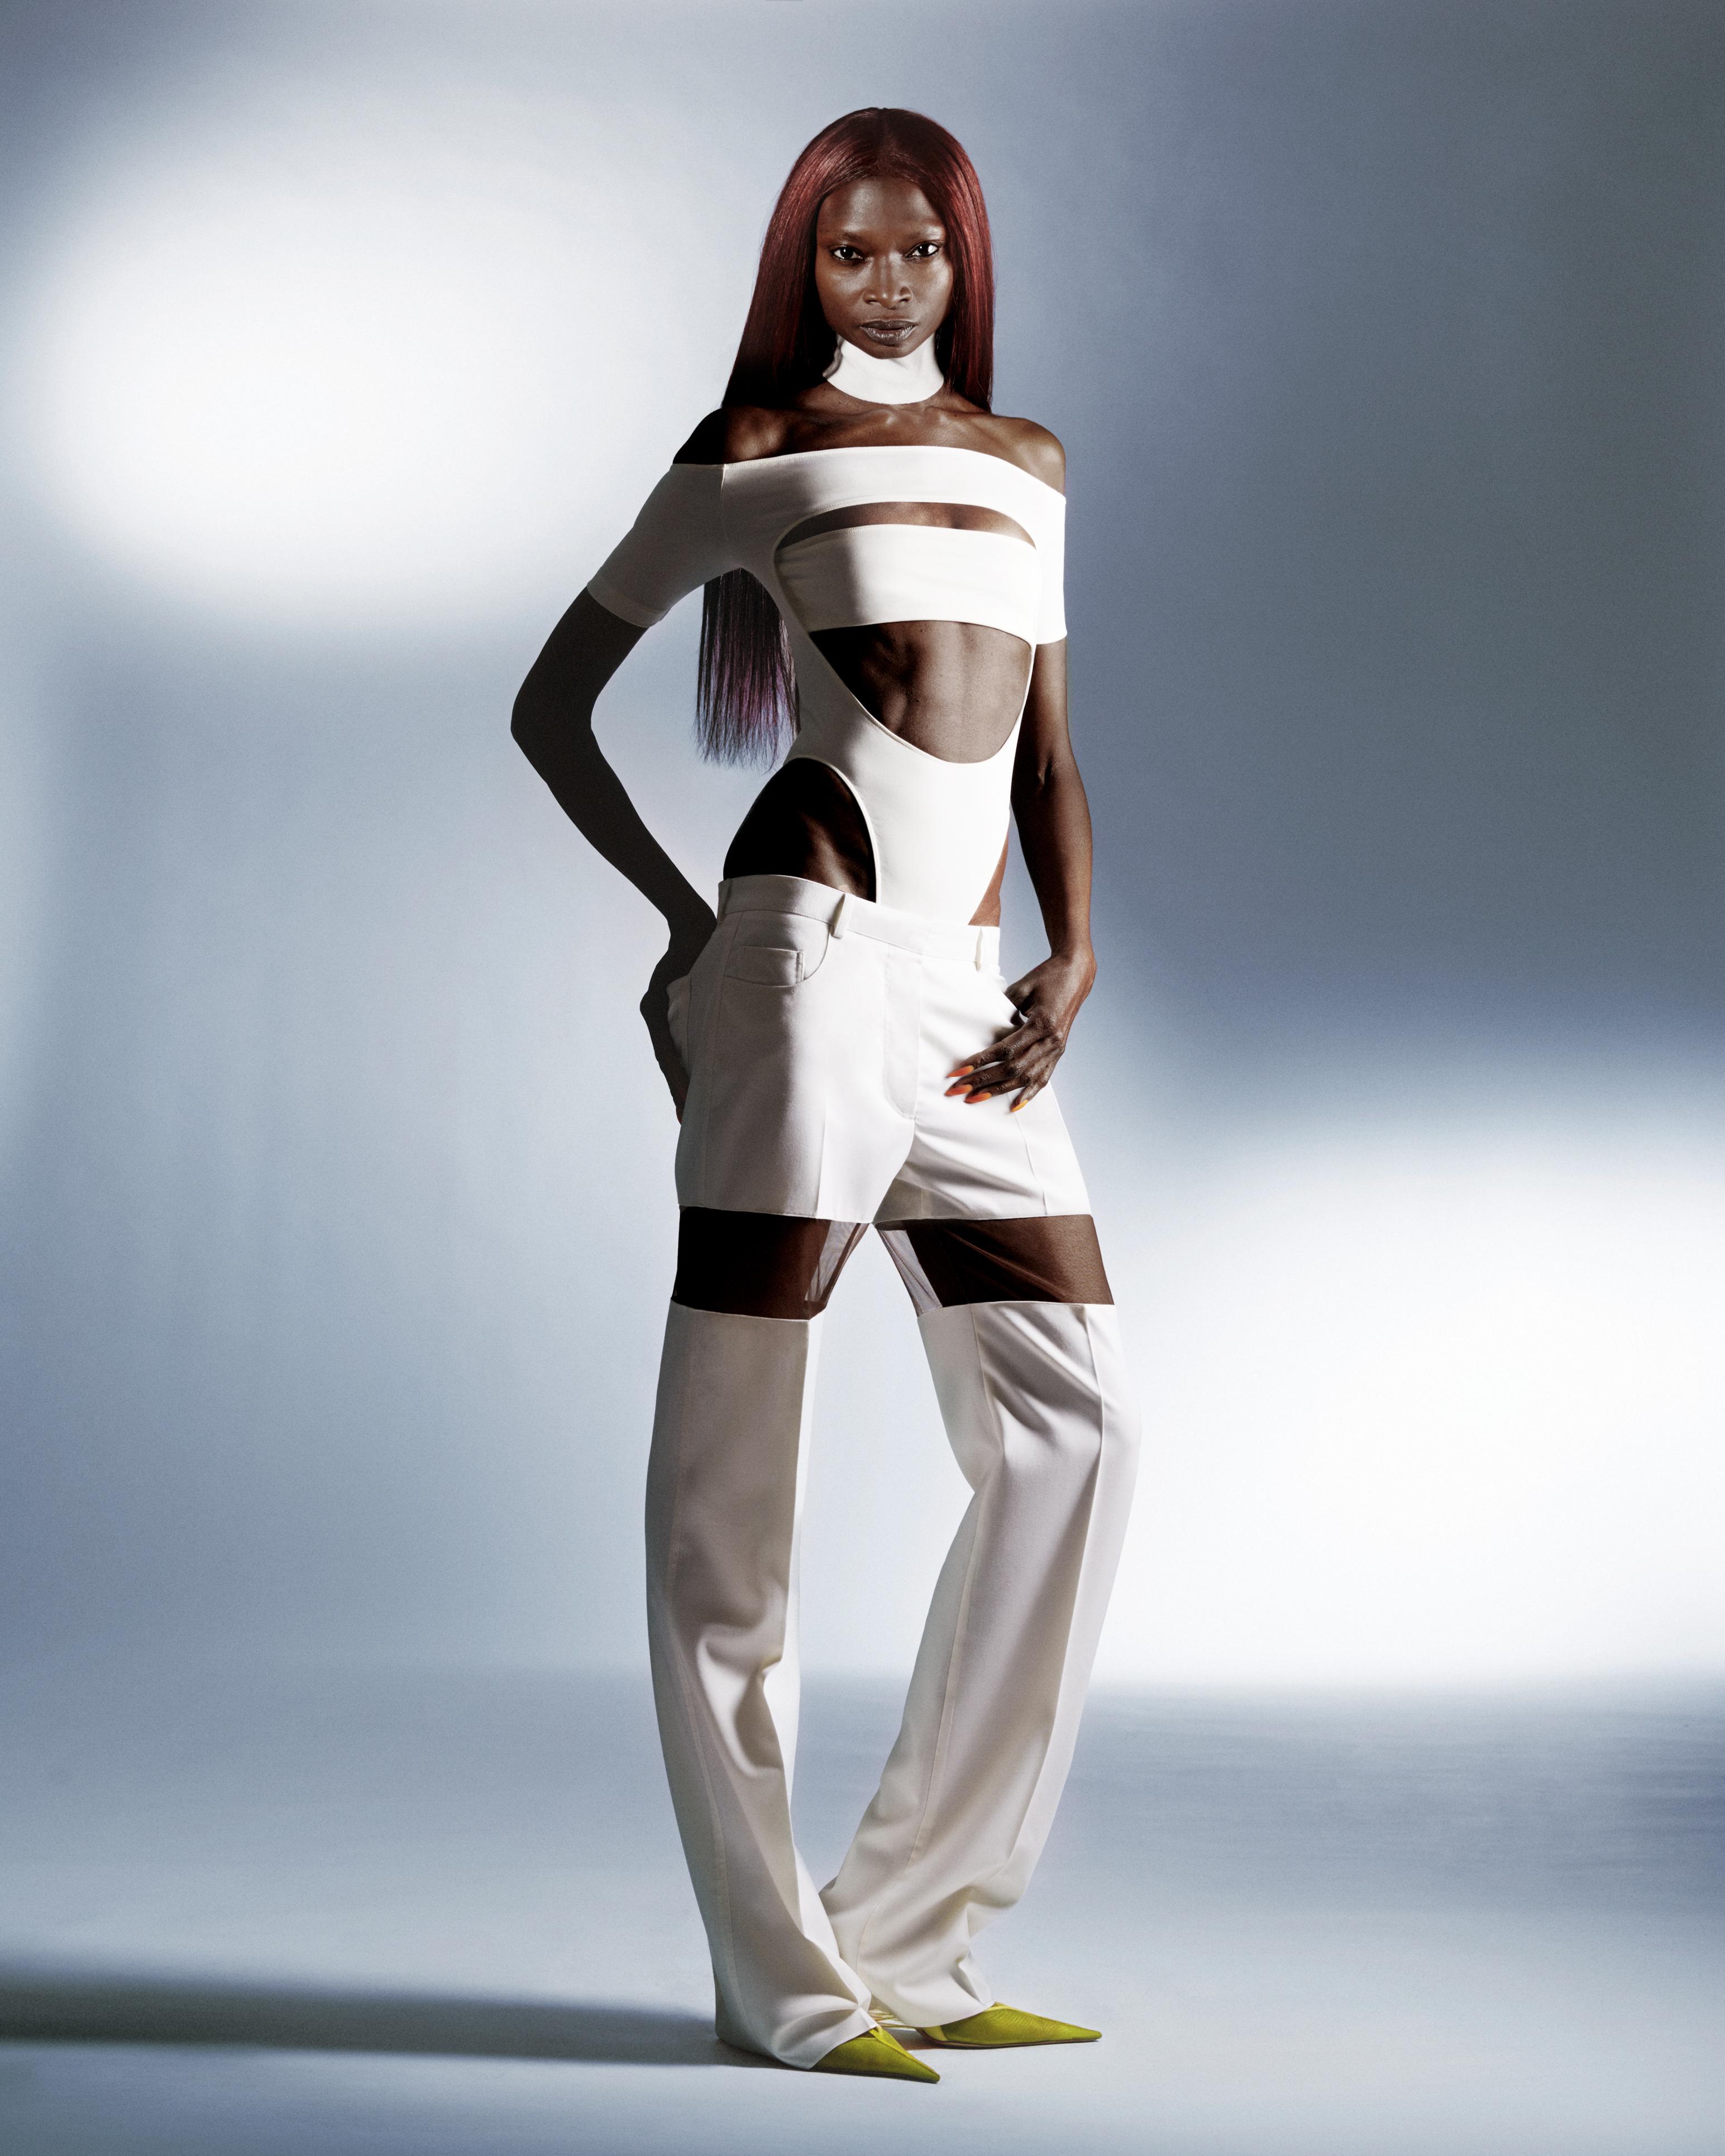 Εκρού, κρεμ, ιβουάρ: Πώς να φορέσεις αποχρώσεις του λευκού αυτήν τη σεζόν